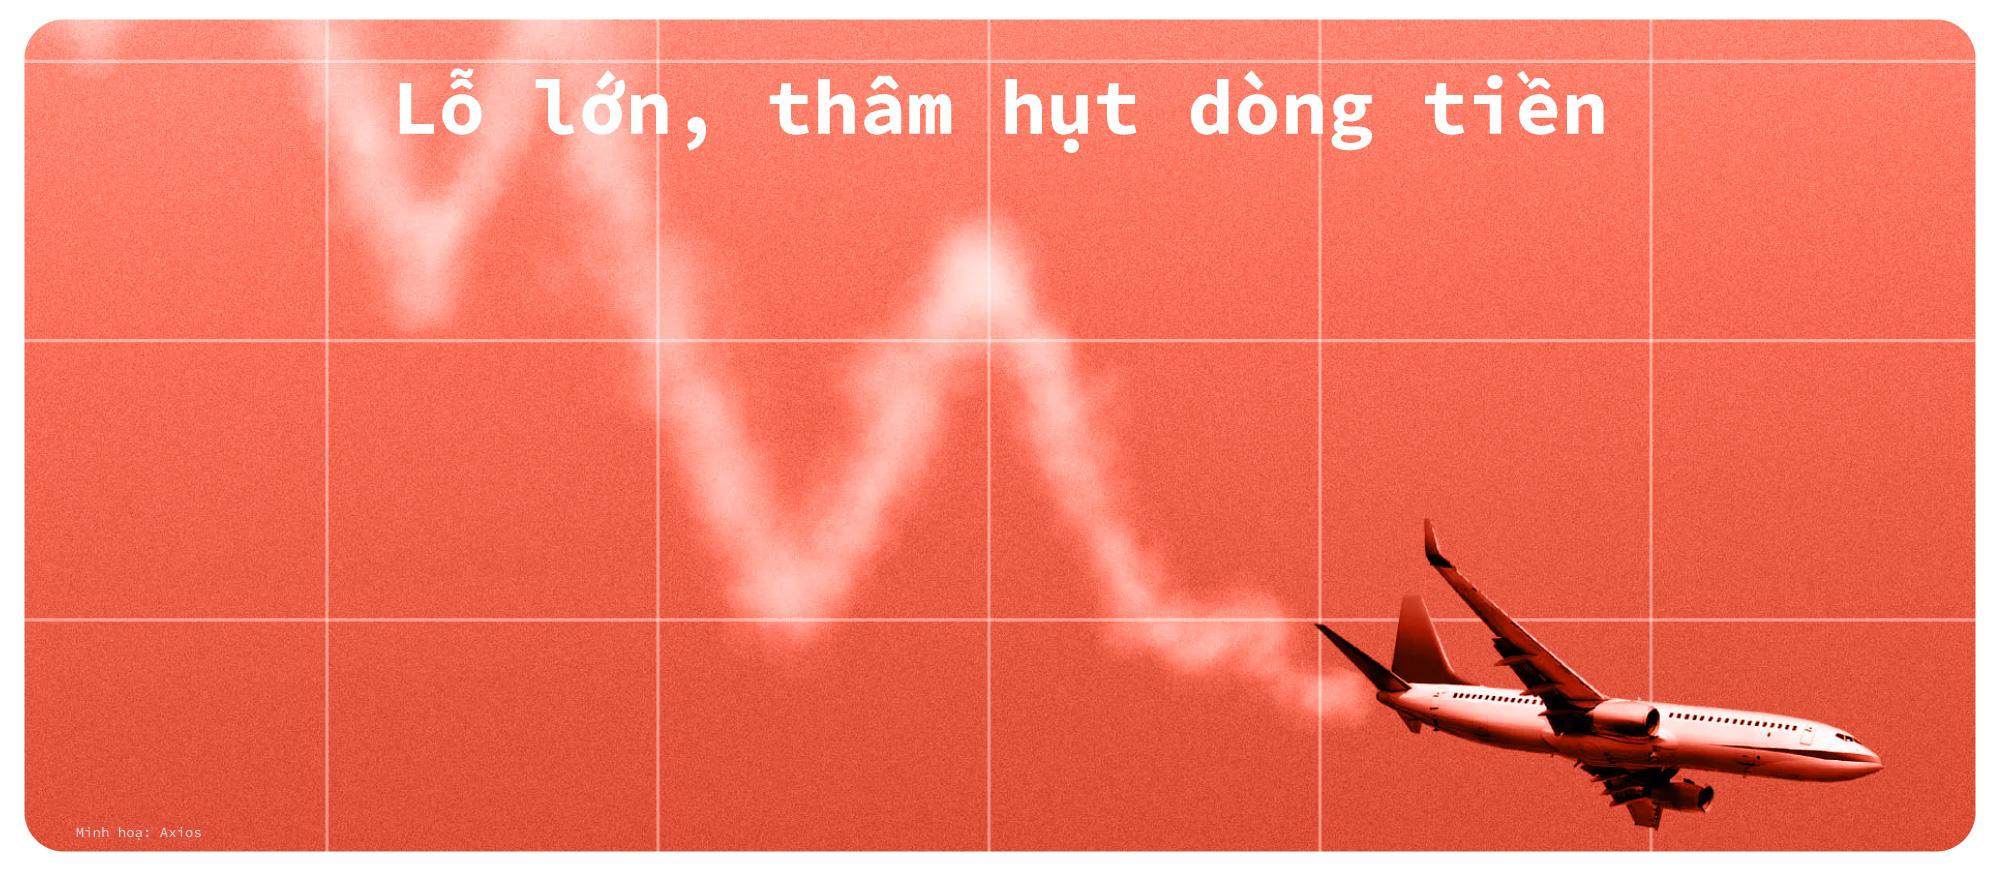 Hàng không Việt một năm 'bay trong bão' - Ảnh 3.